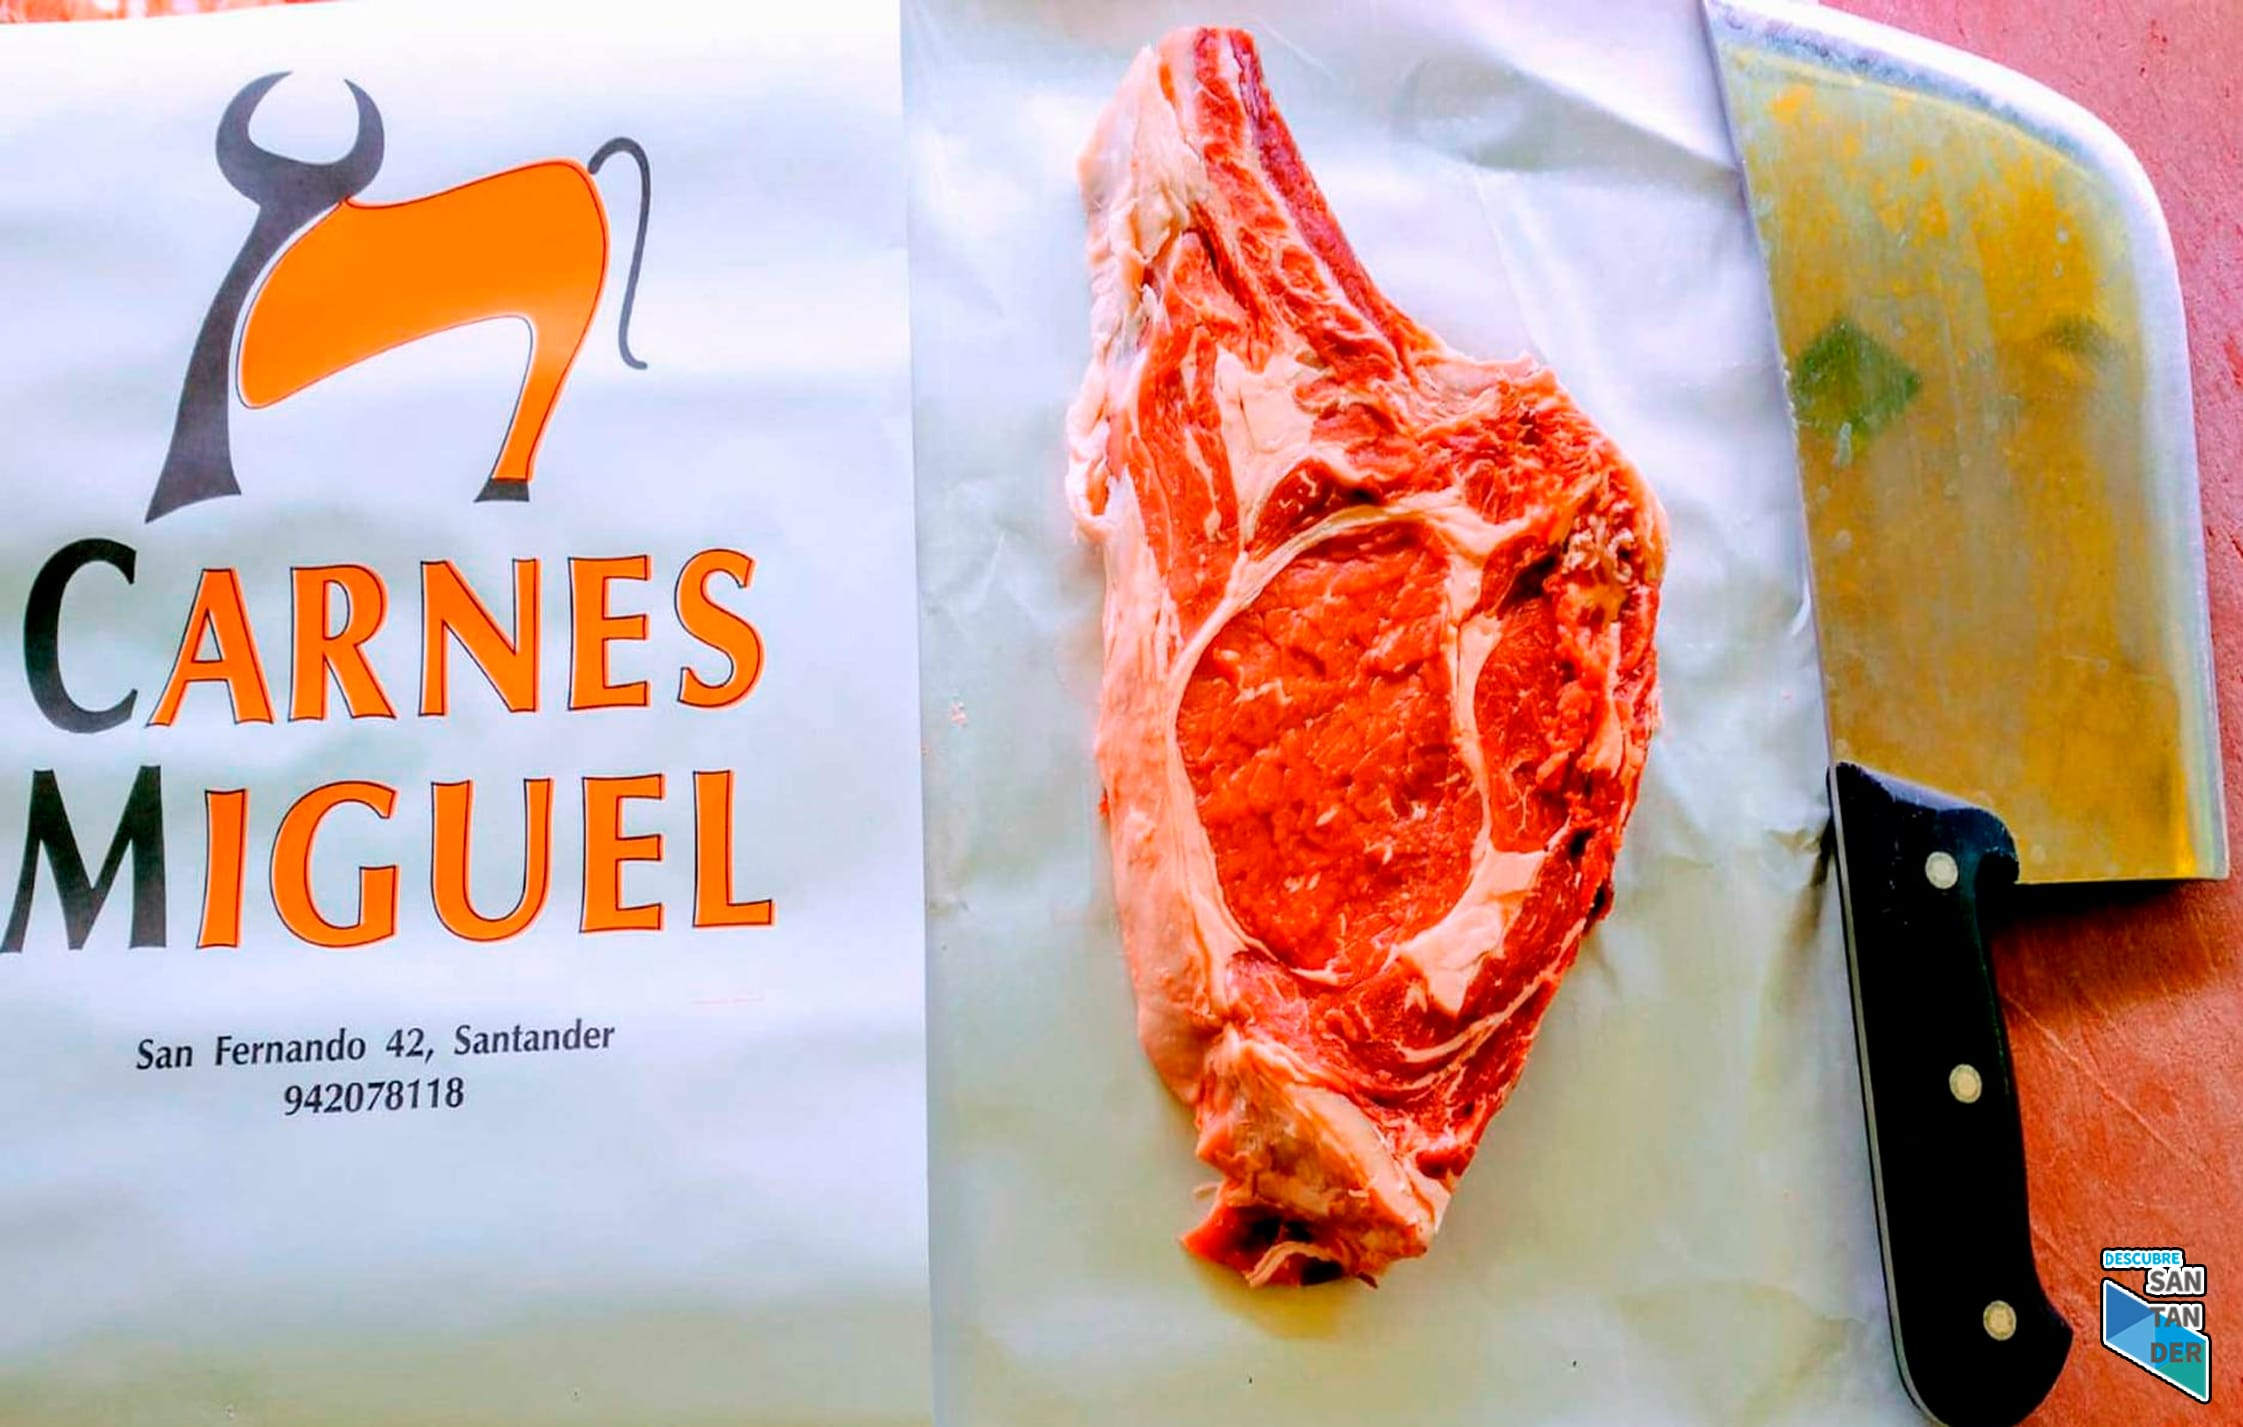 Carnes Miguel